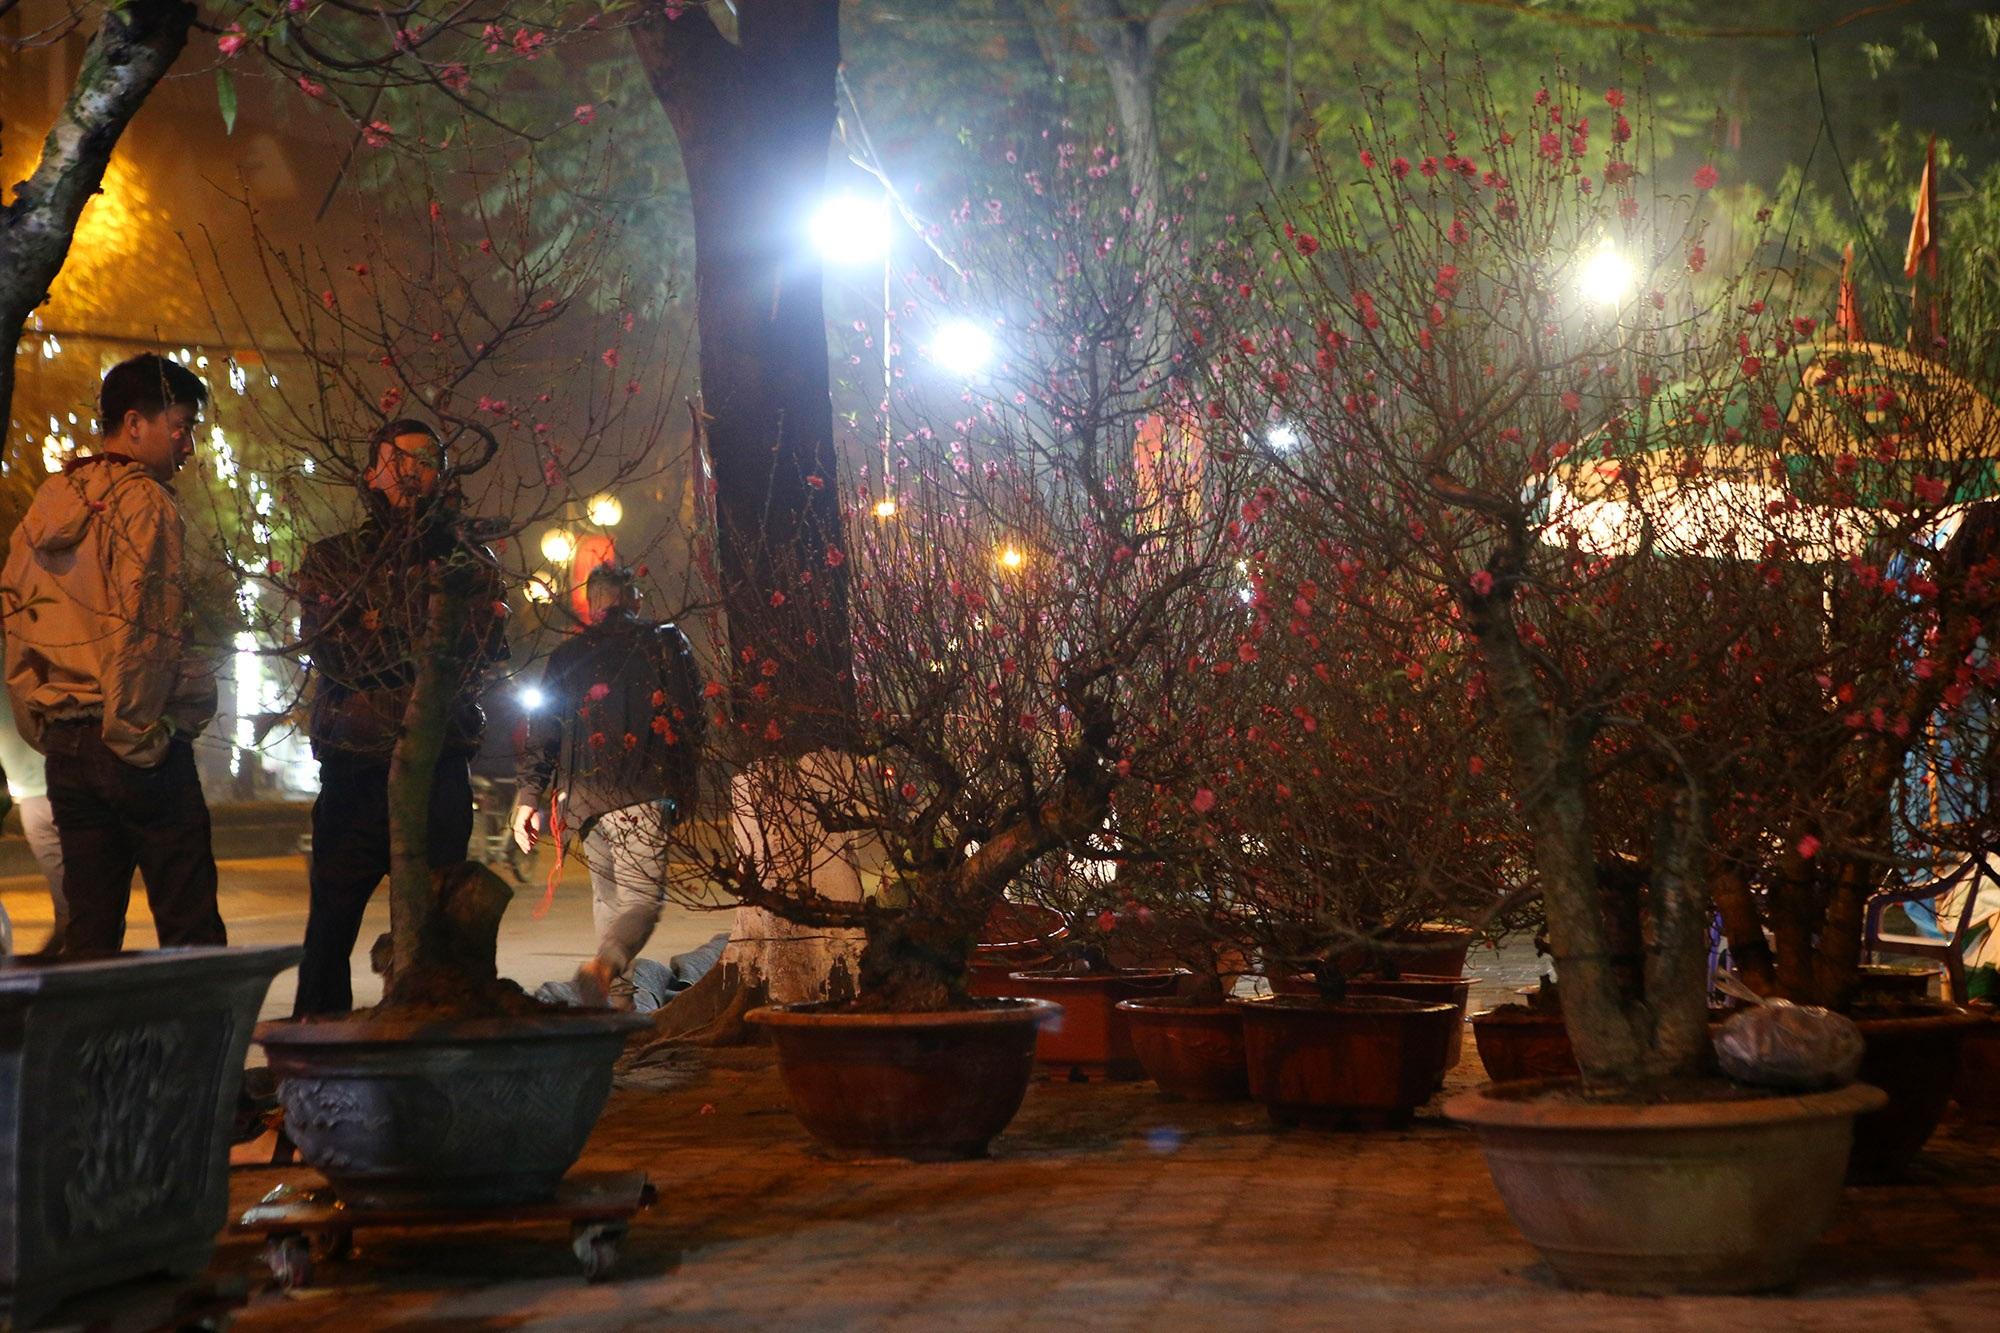 Trắng đêm trông đào Tết trong giá lạnh - 4